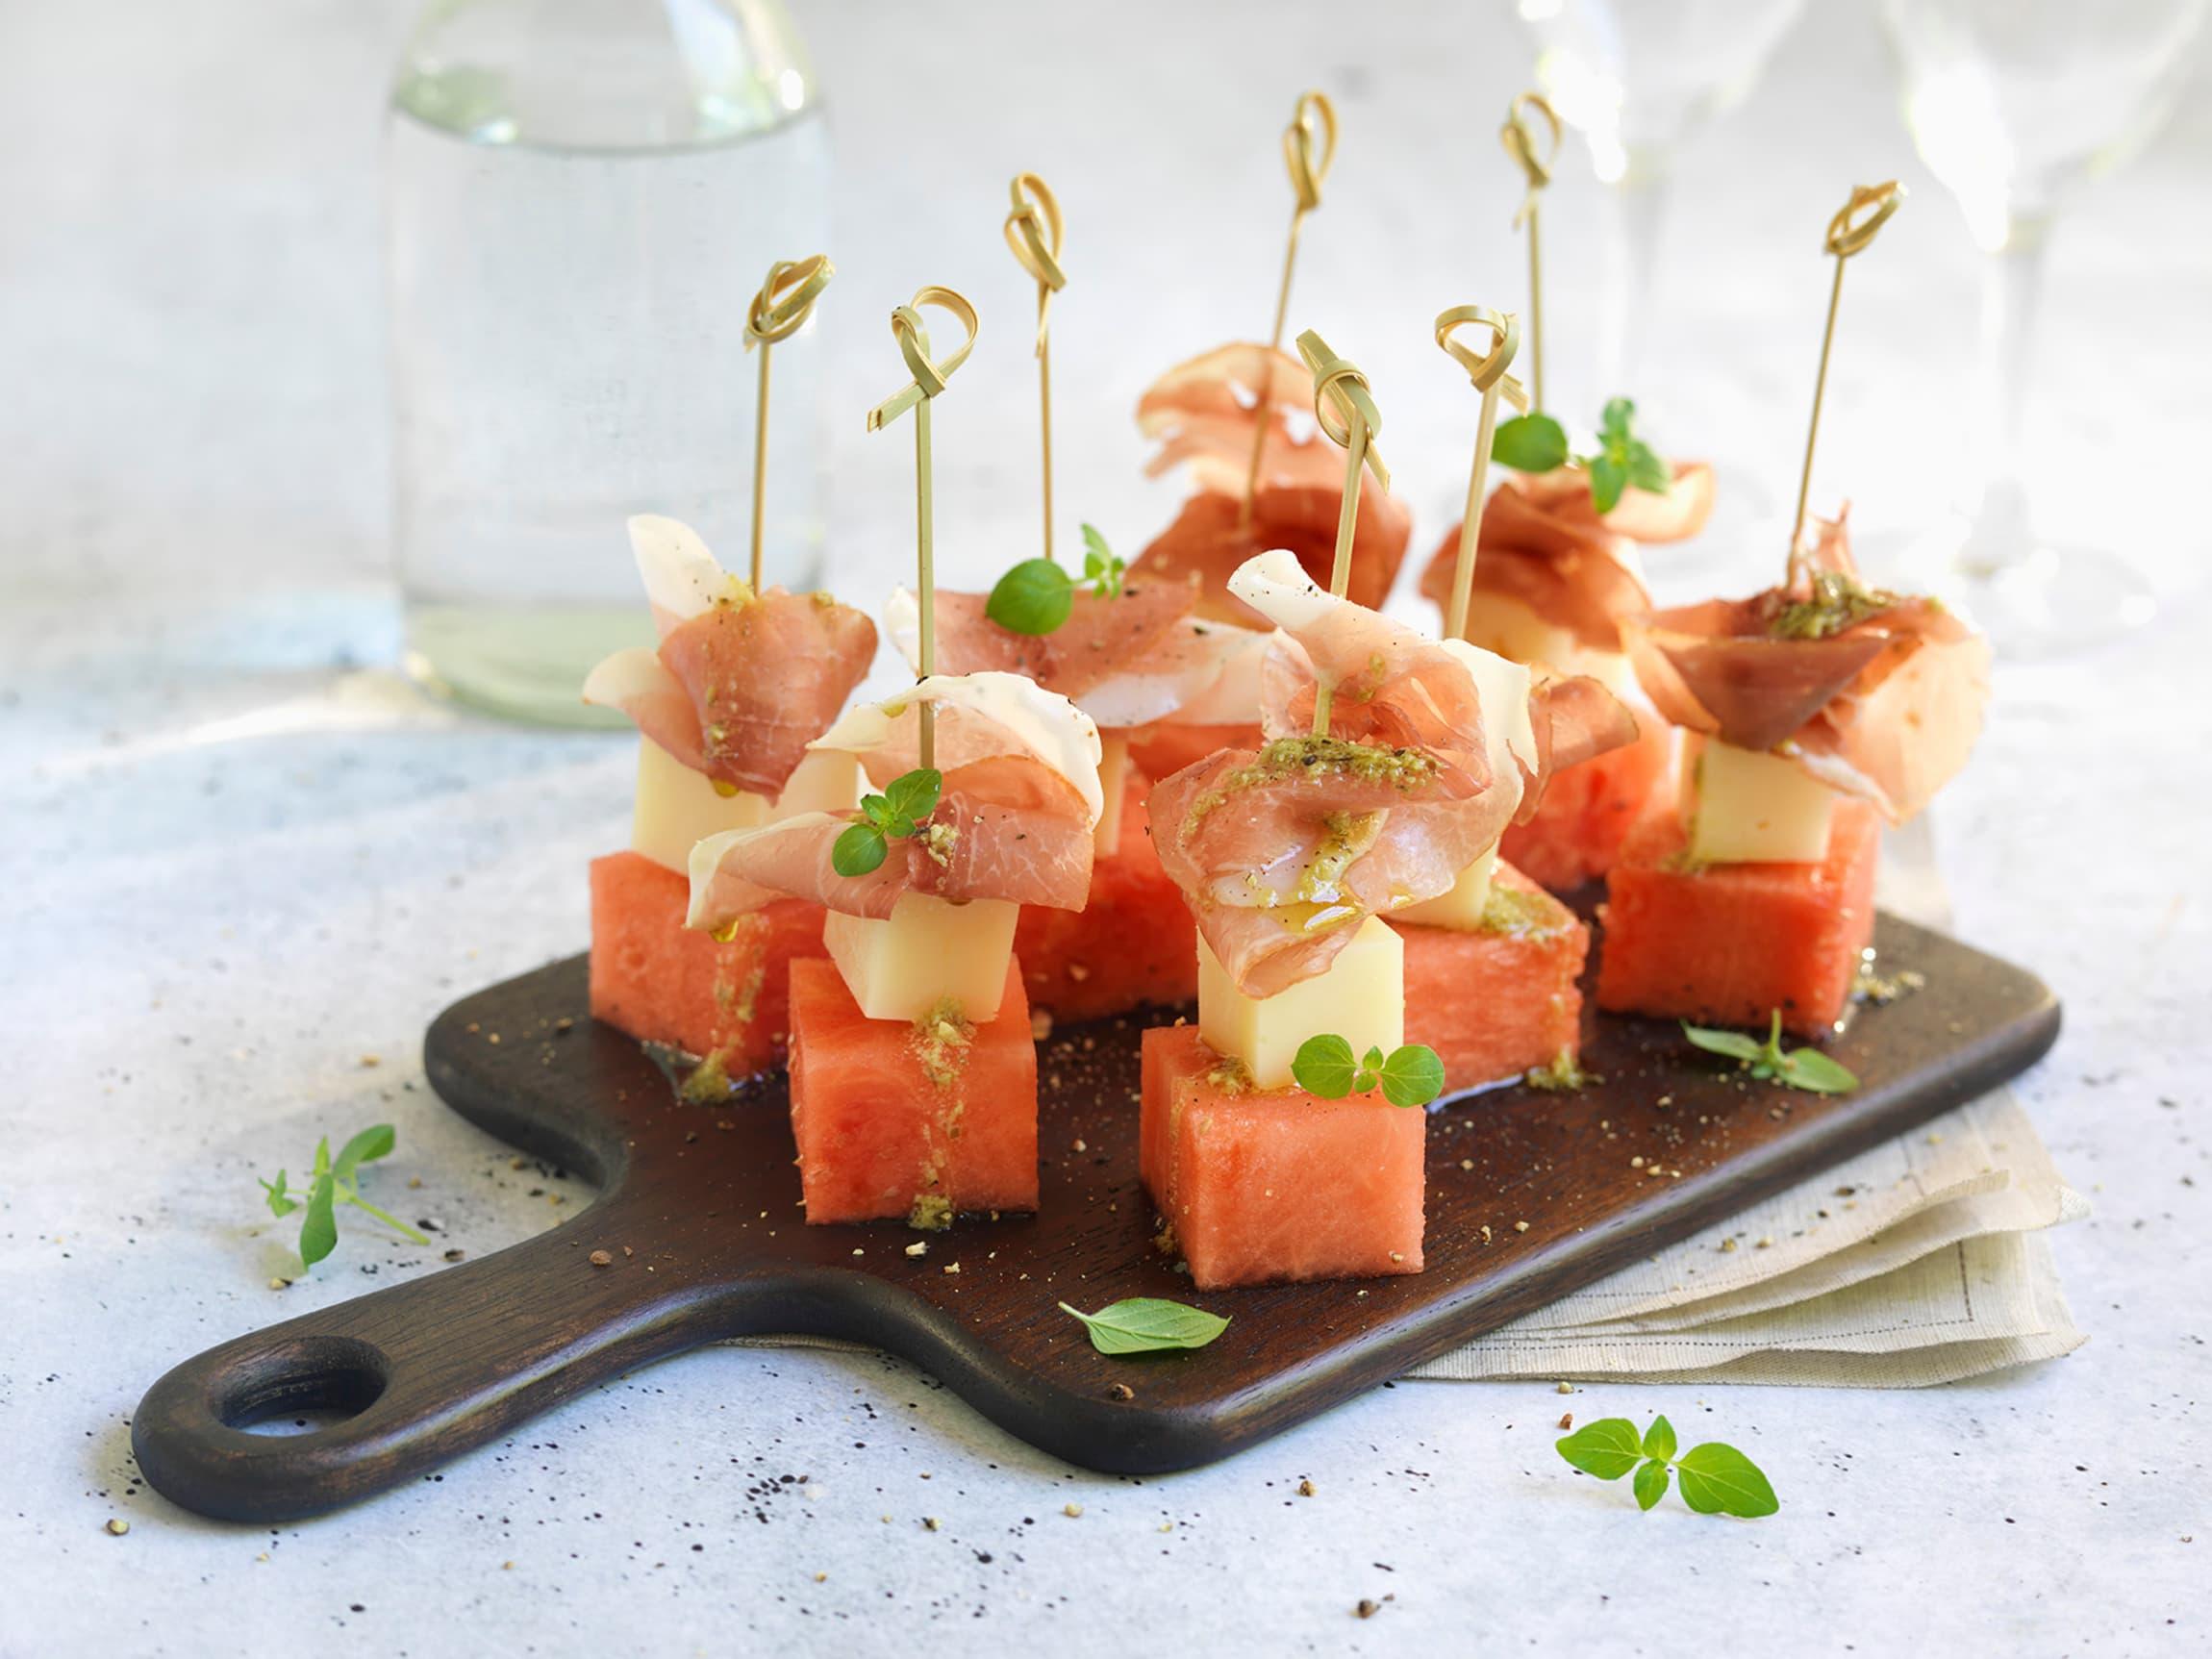 Få kombinasjoner passer bedre sammen enn sødmen fra vannmelon og saltsmaken fra spekeskinke. Her får disse smakene også følge med deilig manchego.